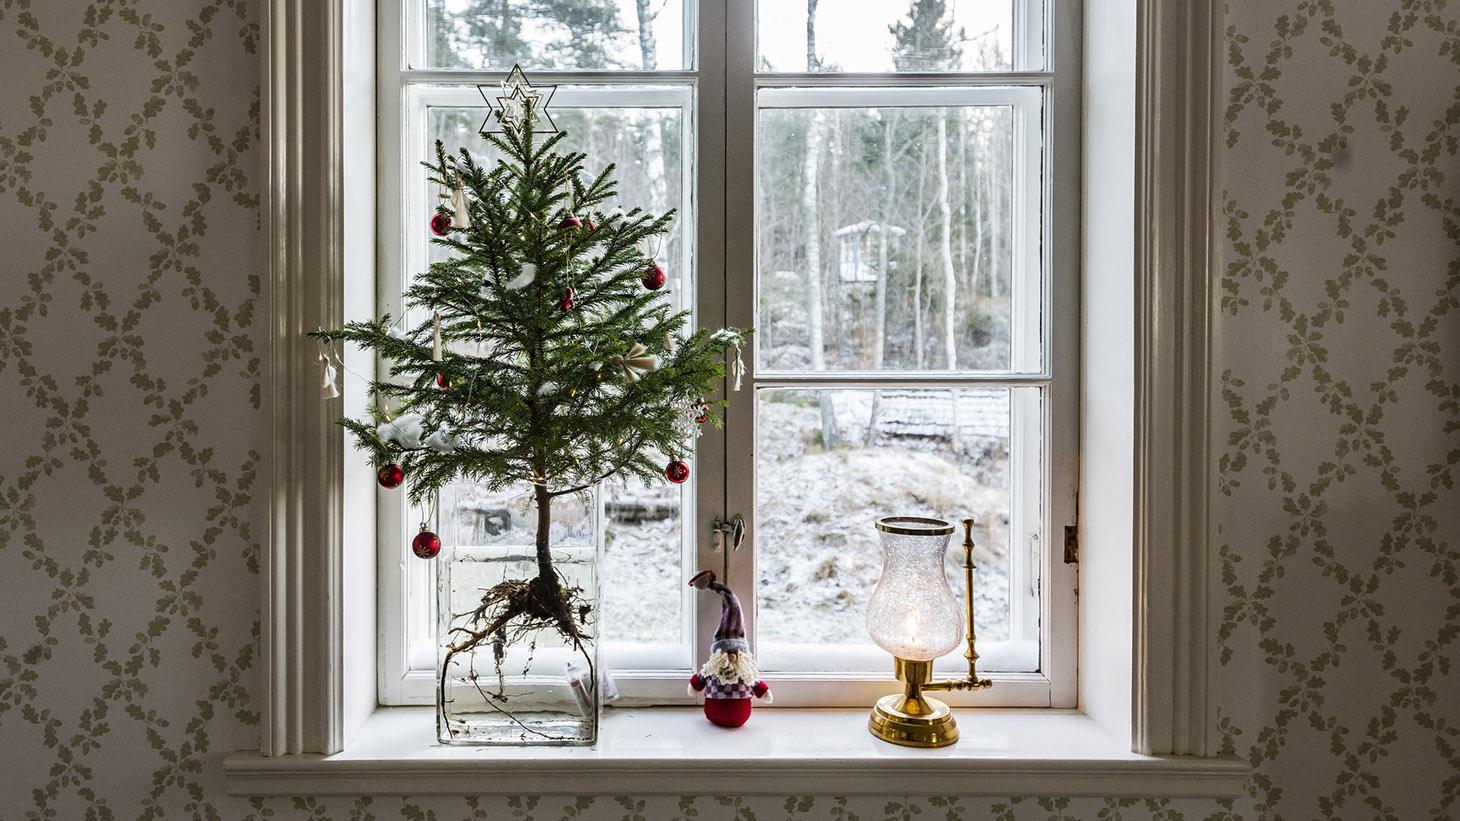 en fönsterkarm med en bordsgran i. Utsikt över ett vinterlandskap.